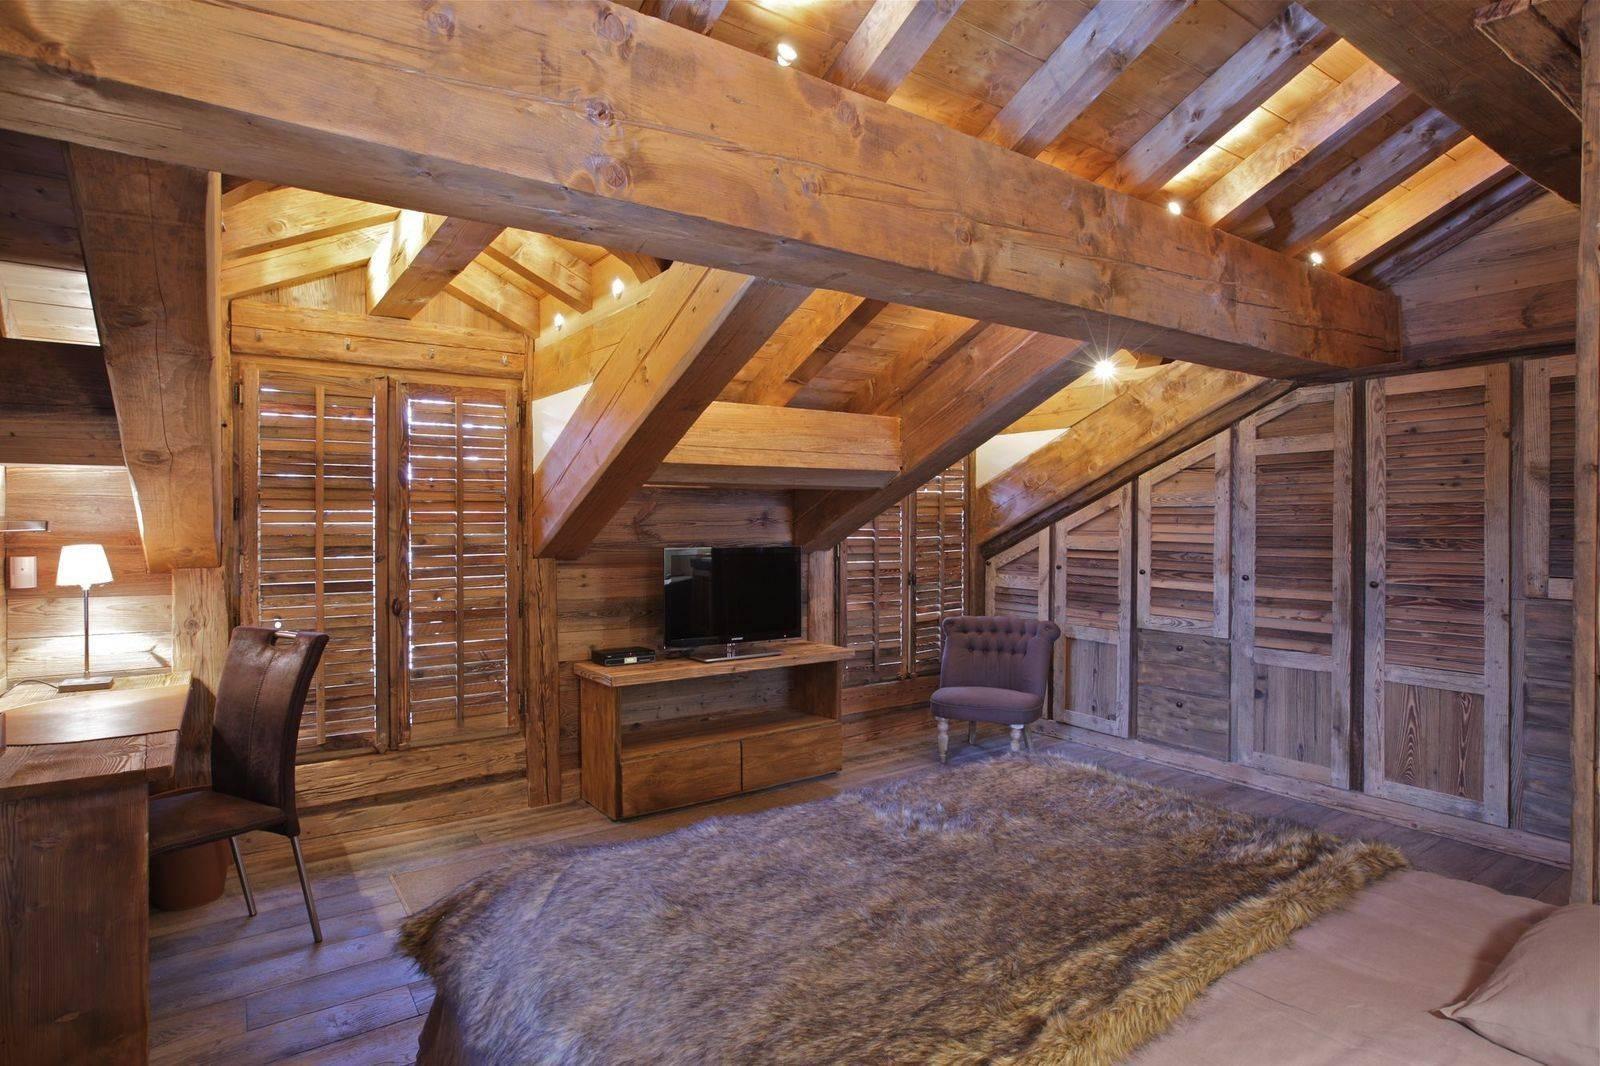 Courchevel 1850 Location Chalet Luxe Cesarolite Chambre